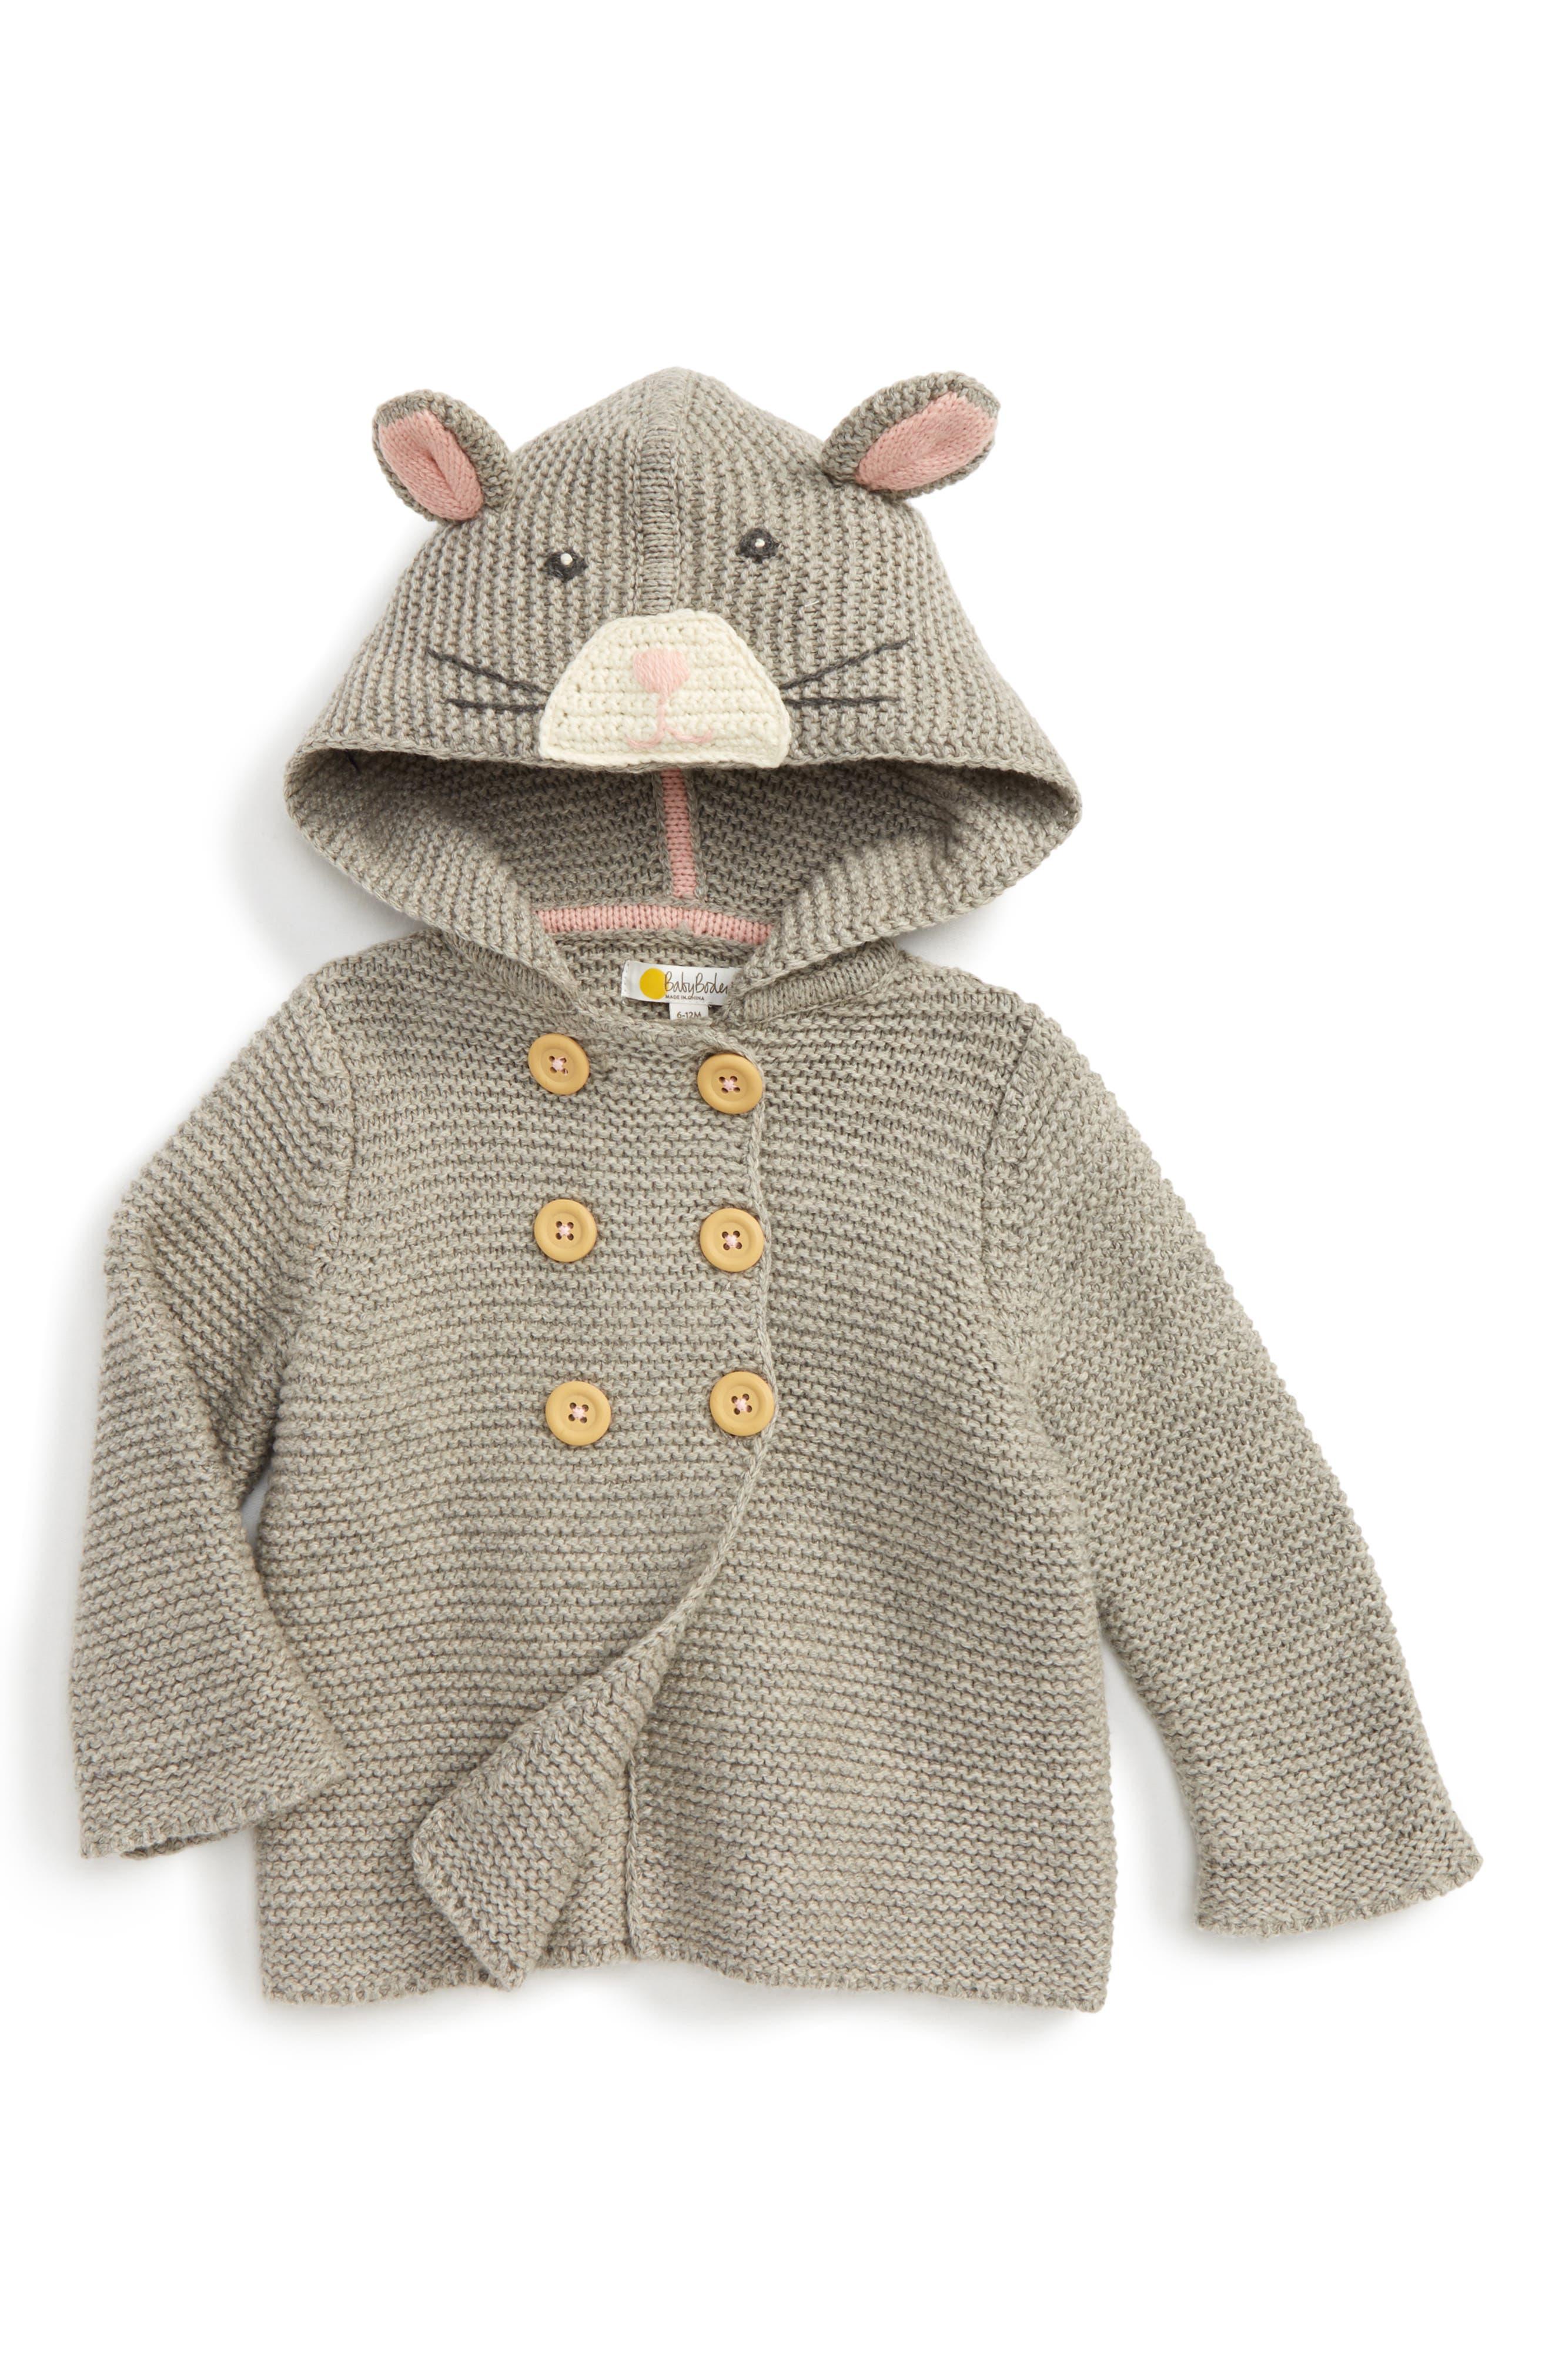 Alternate Image 1 Selected - Mini Boden Fun Animal Knit Jacket (Baby Girls & Toddler Girls)